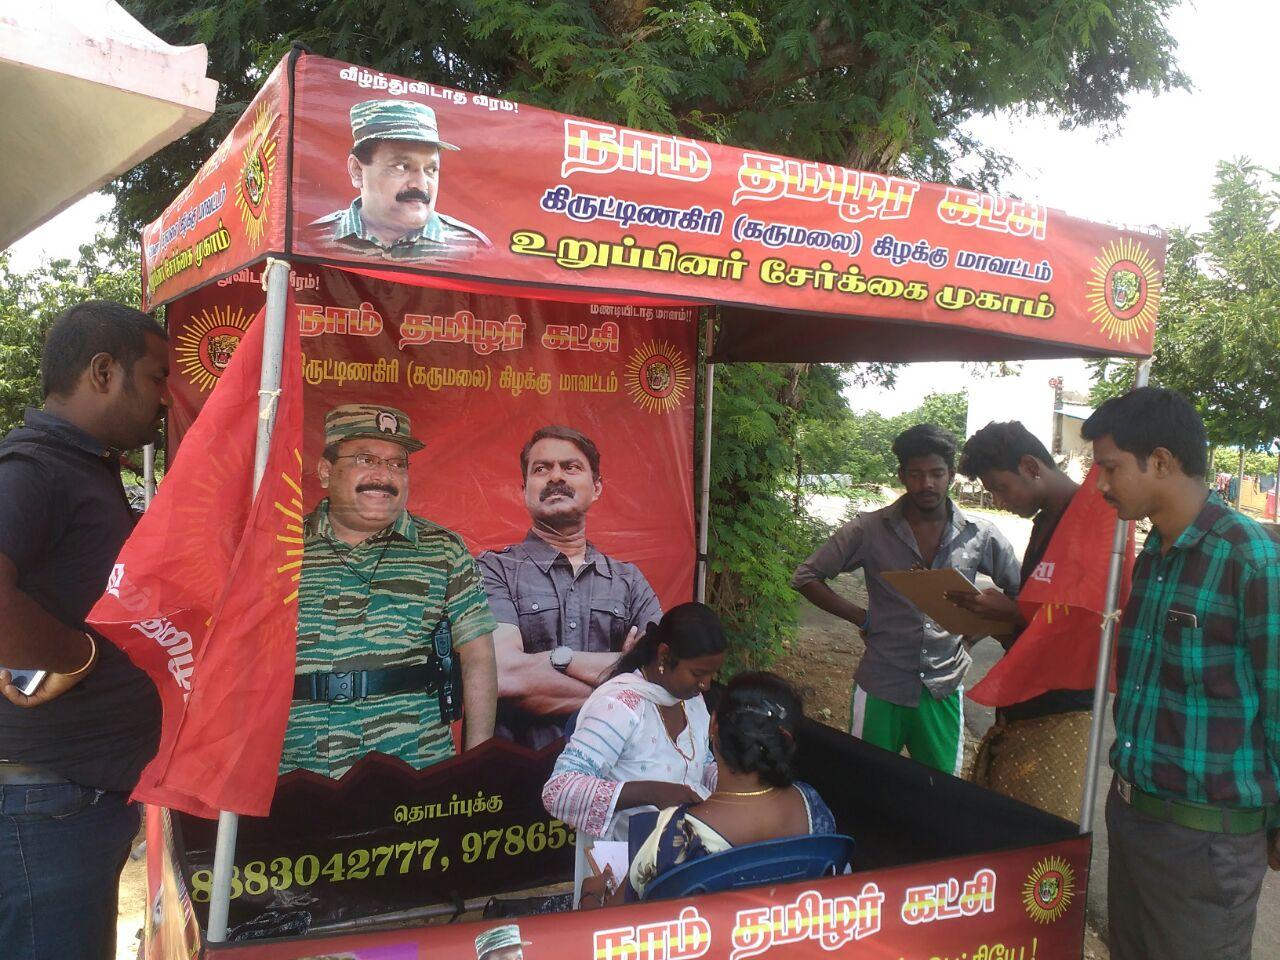 பர்கூர் தொகுதி ஜீஞ்சம்பட்டி குட்டூர் பகுதியில் உறுப்பினர் சேர்க்கை முகாம் kirushnagiri burgur uruppinar serkkai naam tamilar katchi 1